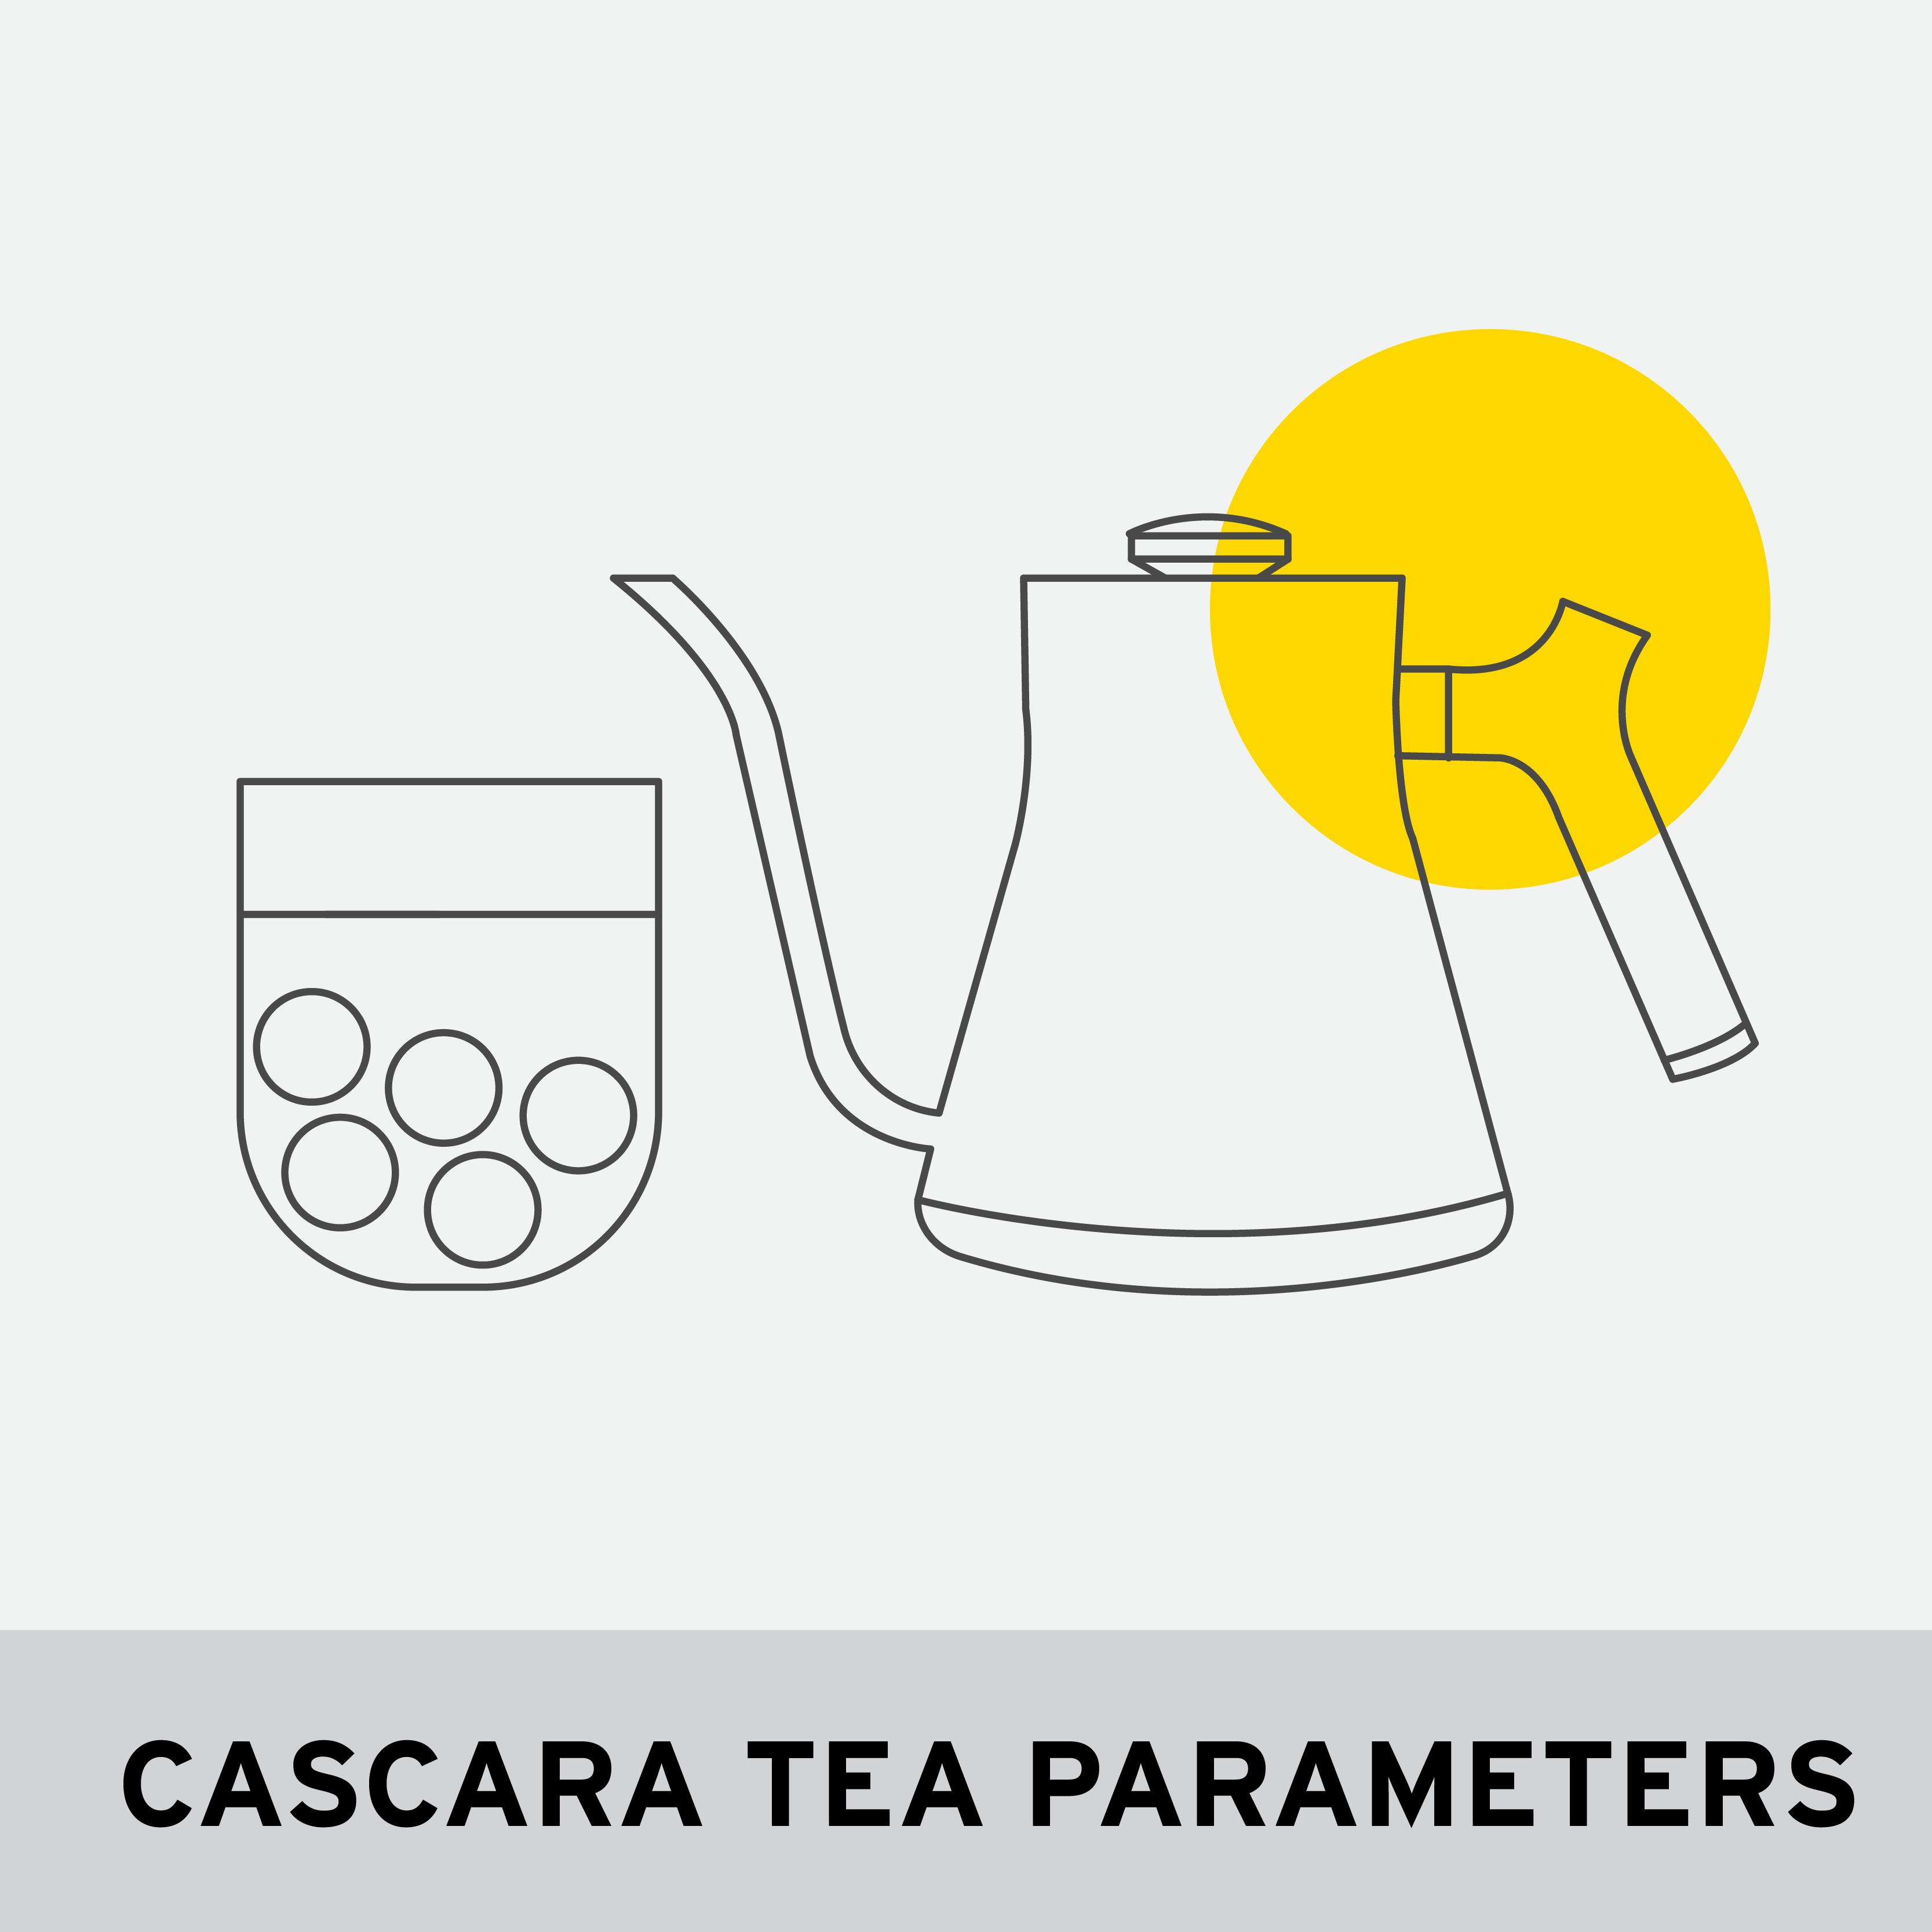 CASCARA TEA PARAMETERS